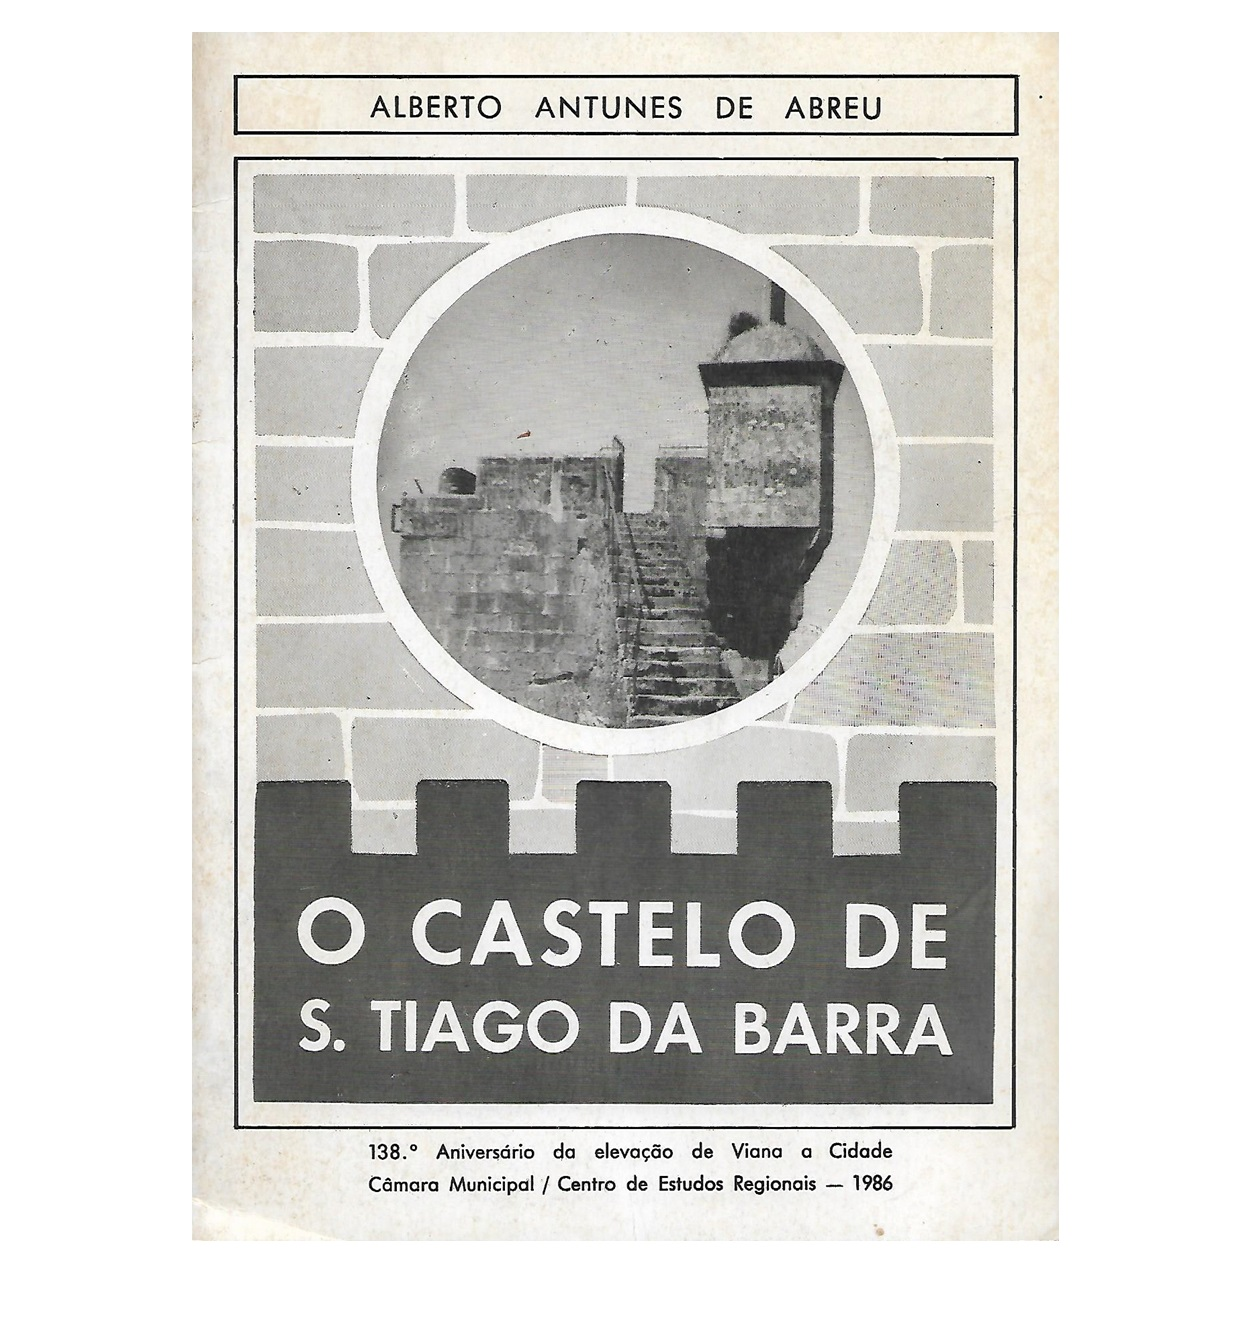 O Castelo de S. Tiago da Barra.